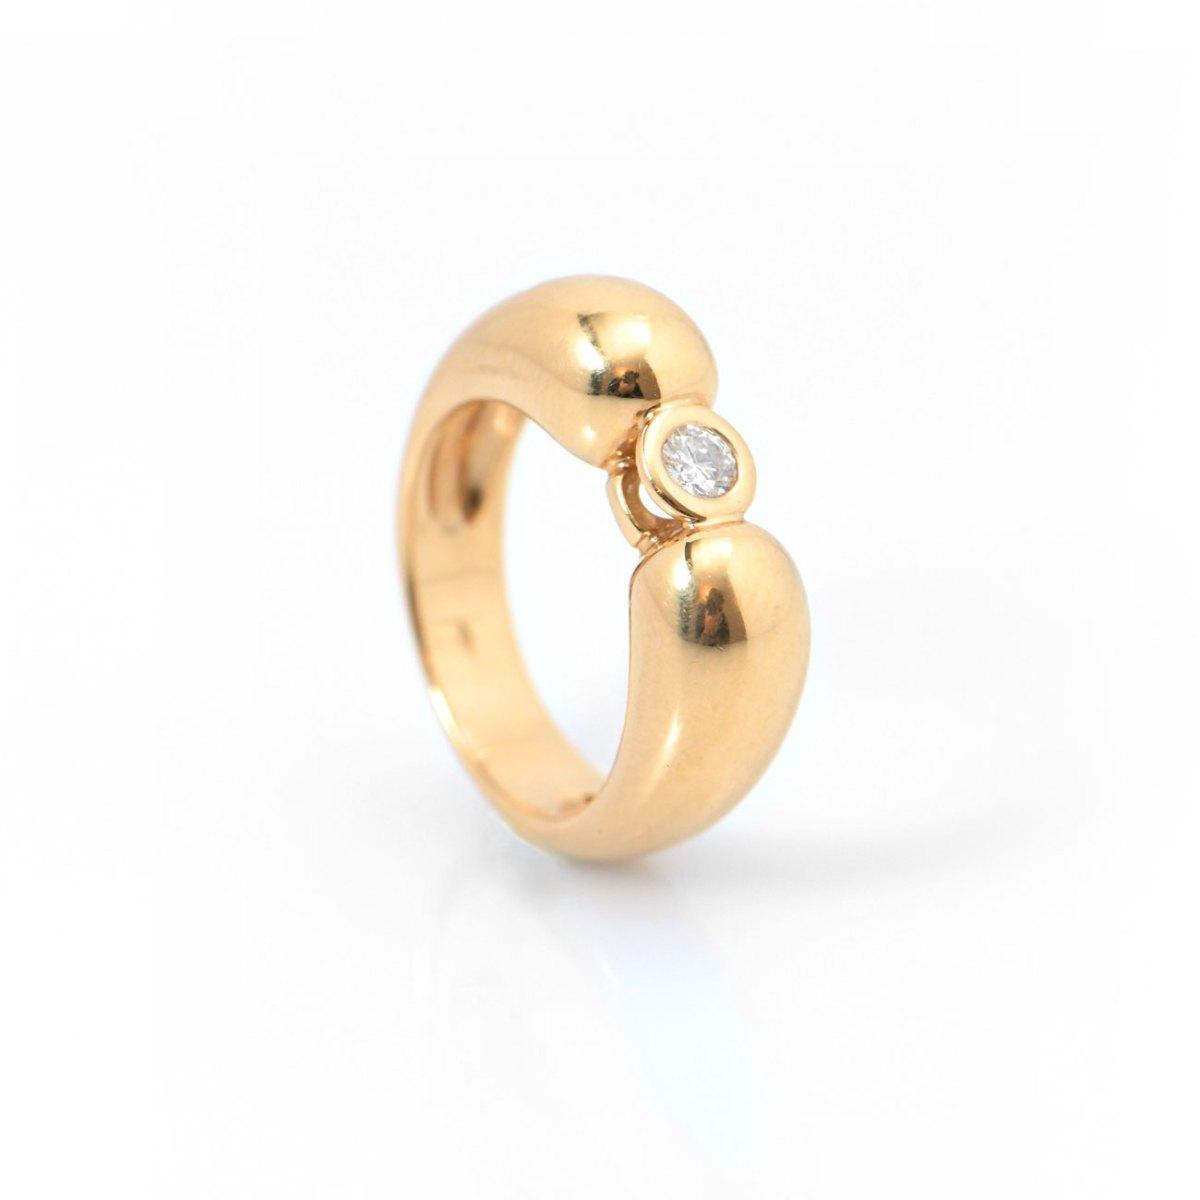 Bague diamant solitaire KORLOFF, 0,20ct serti clos sur monture or jaune 750‰, Taille 54 | Réf. BA-B4364 | EVENOR Joaillerie • Bijoux neufs - Bijoux Vintage